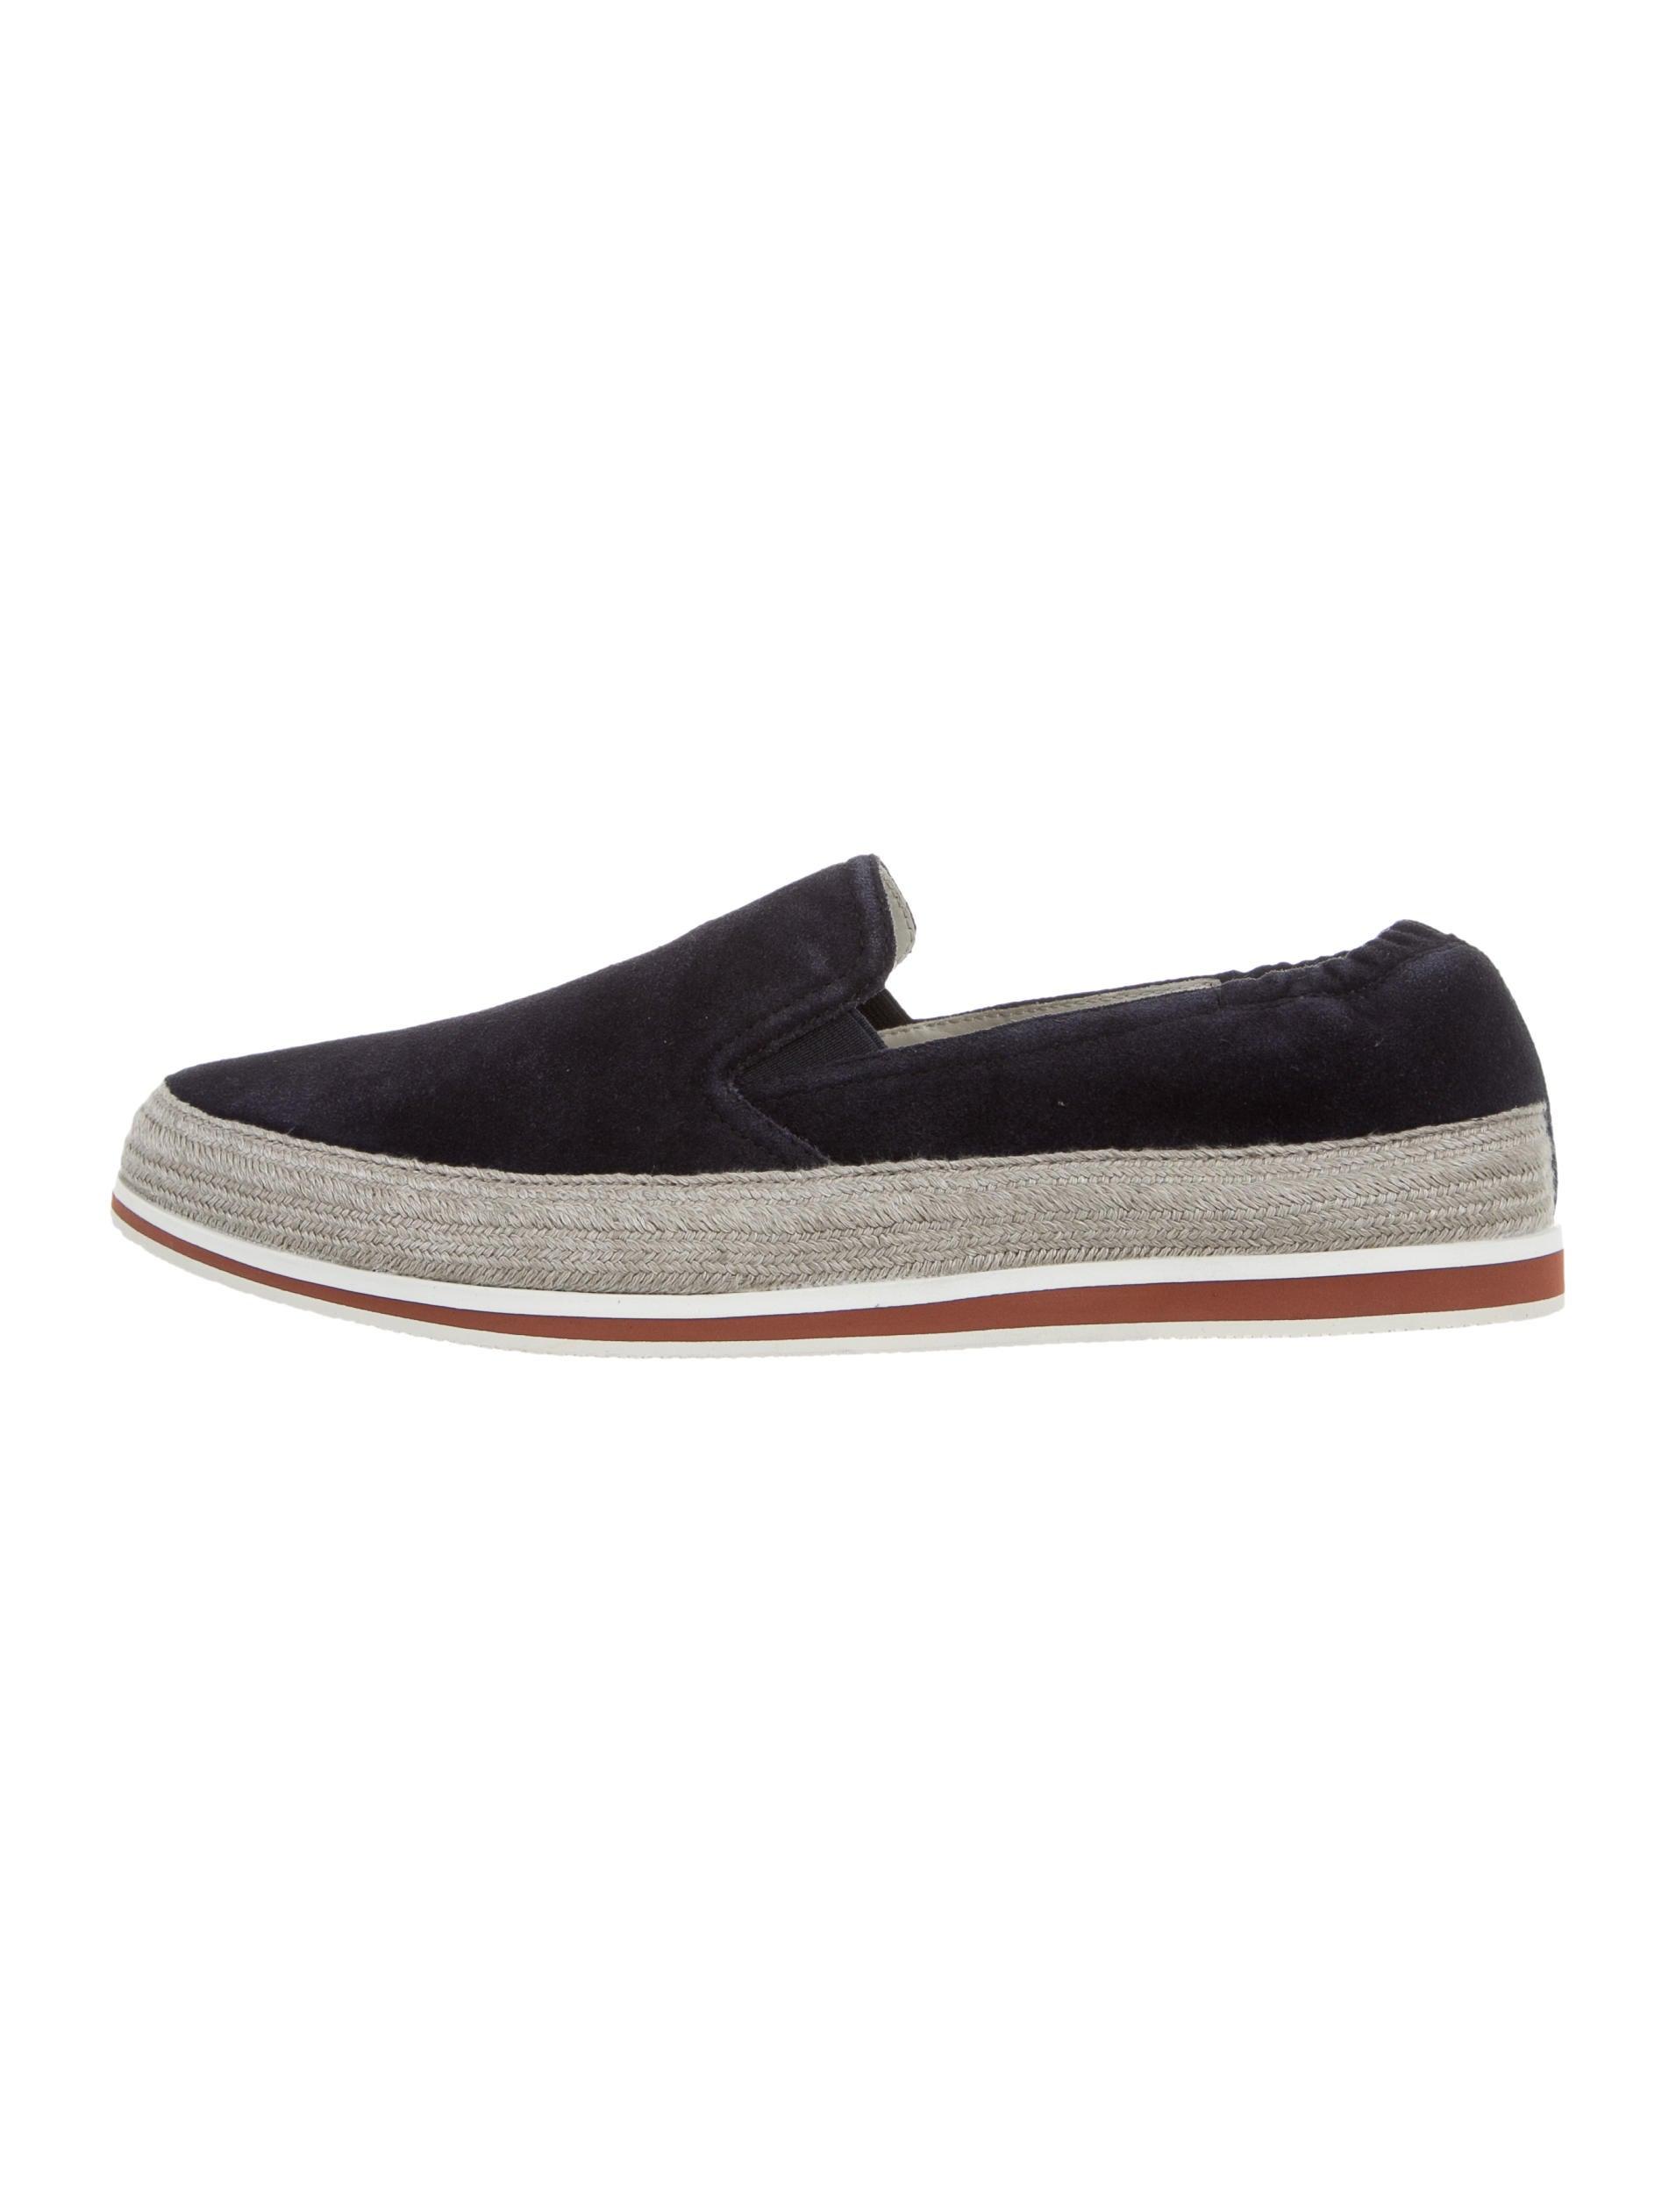 prada sport suede slip on sneakers shoes wpr39308